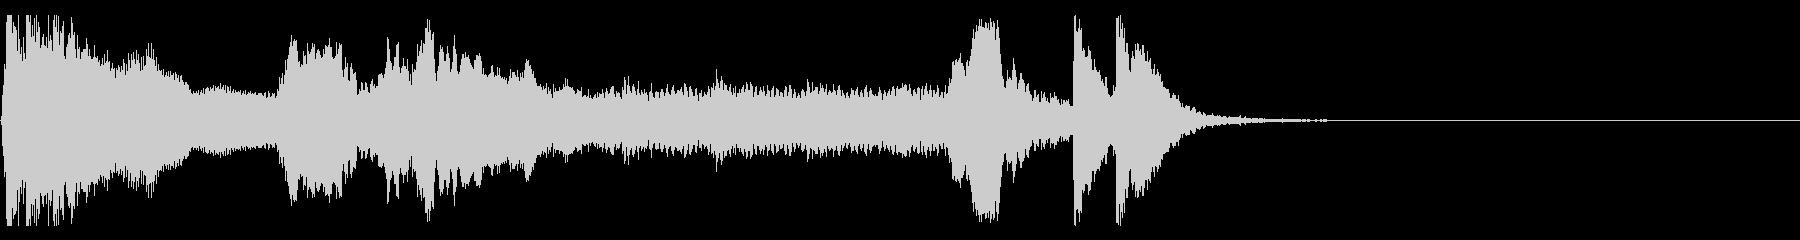 和風 掛け声とツツミと篠笛+三味線の未再生の波形